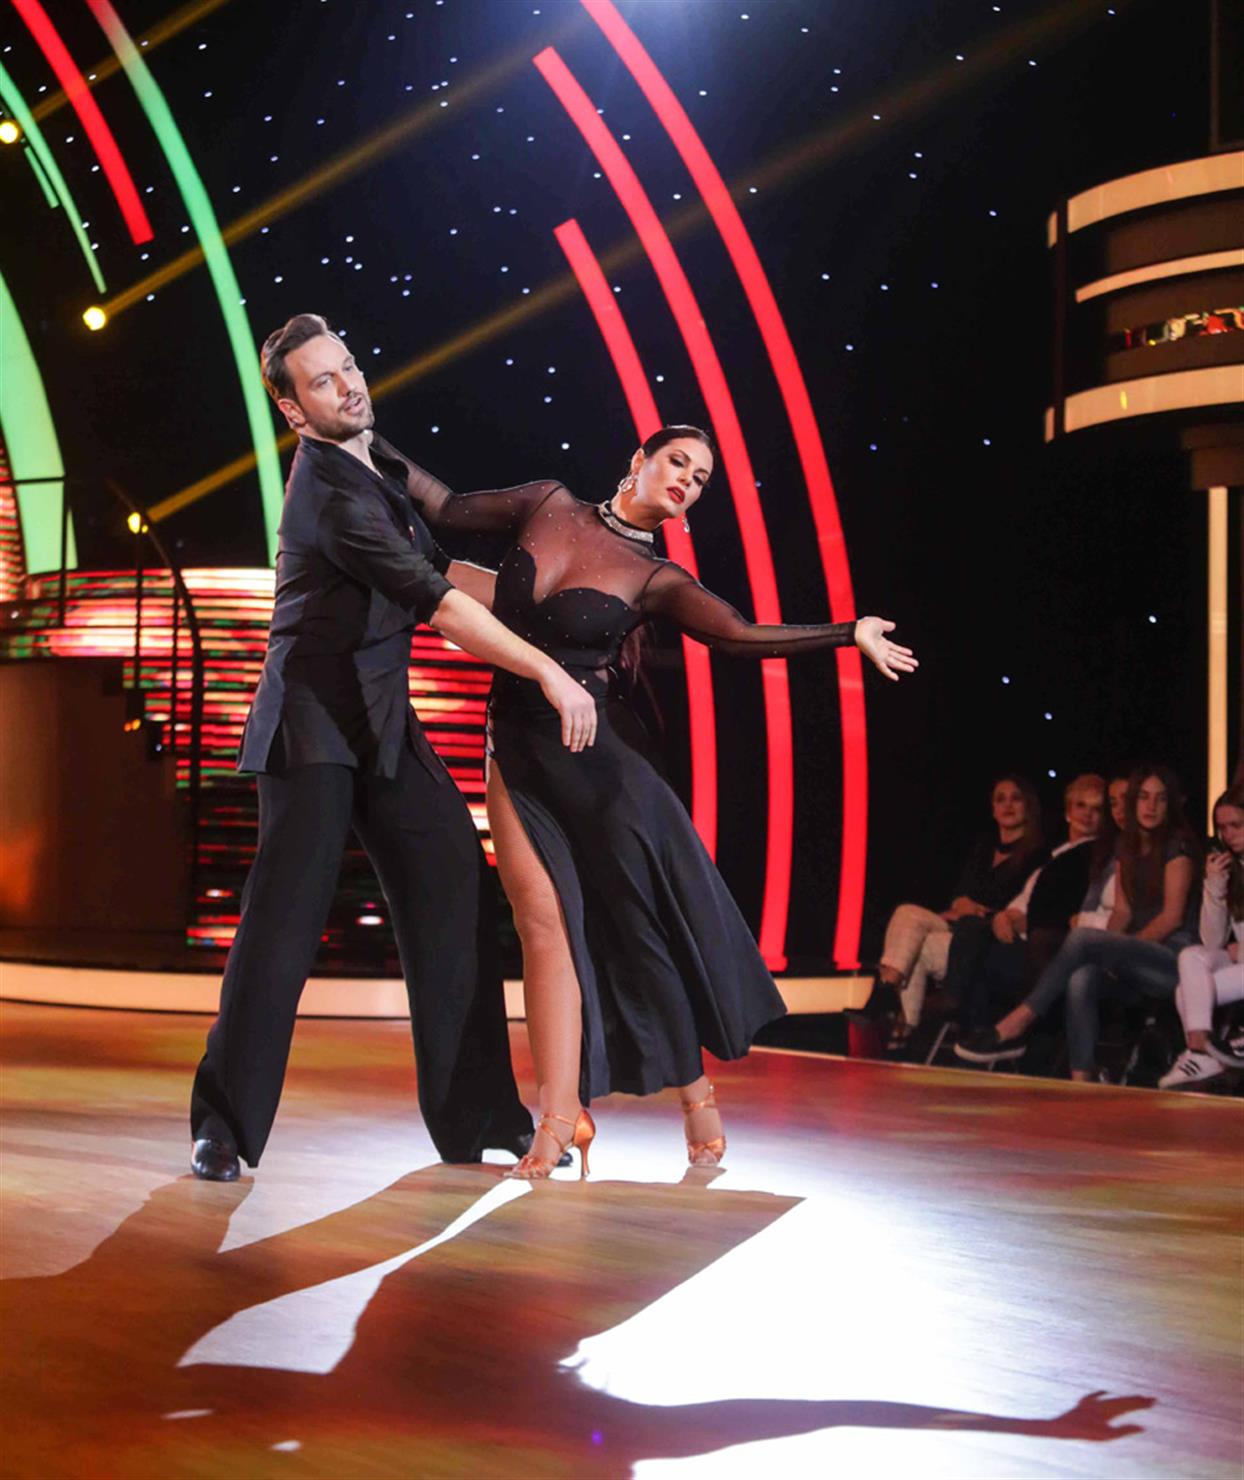 Μαρία Κορινθίου - DANCING WITH THE STARS - LIVE 1